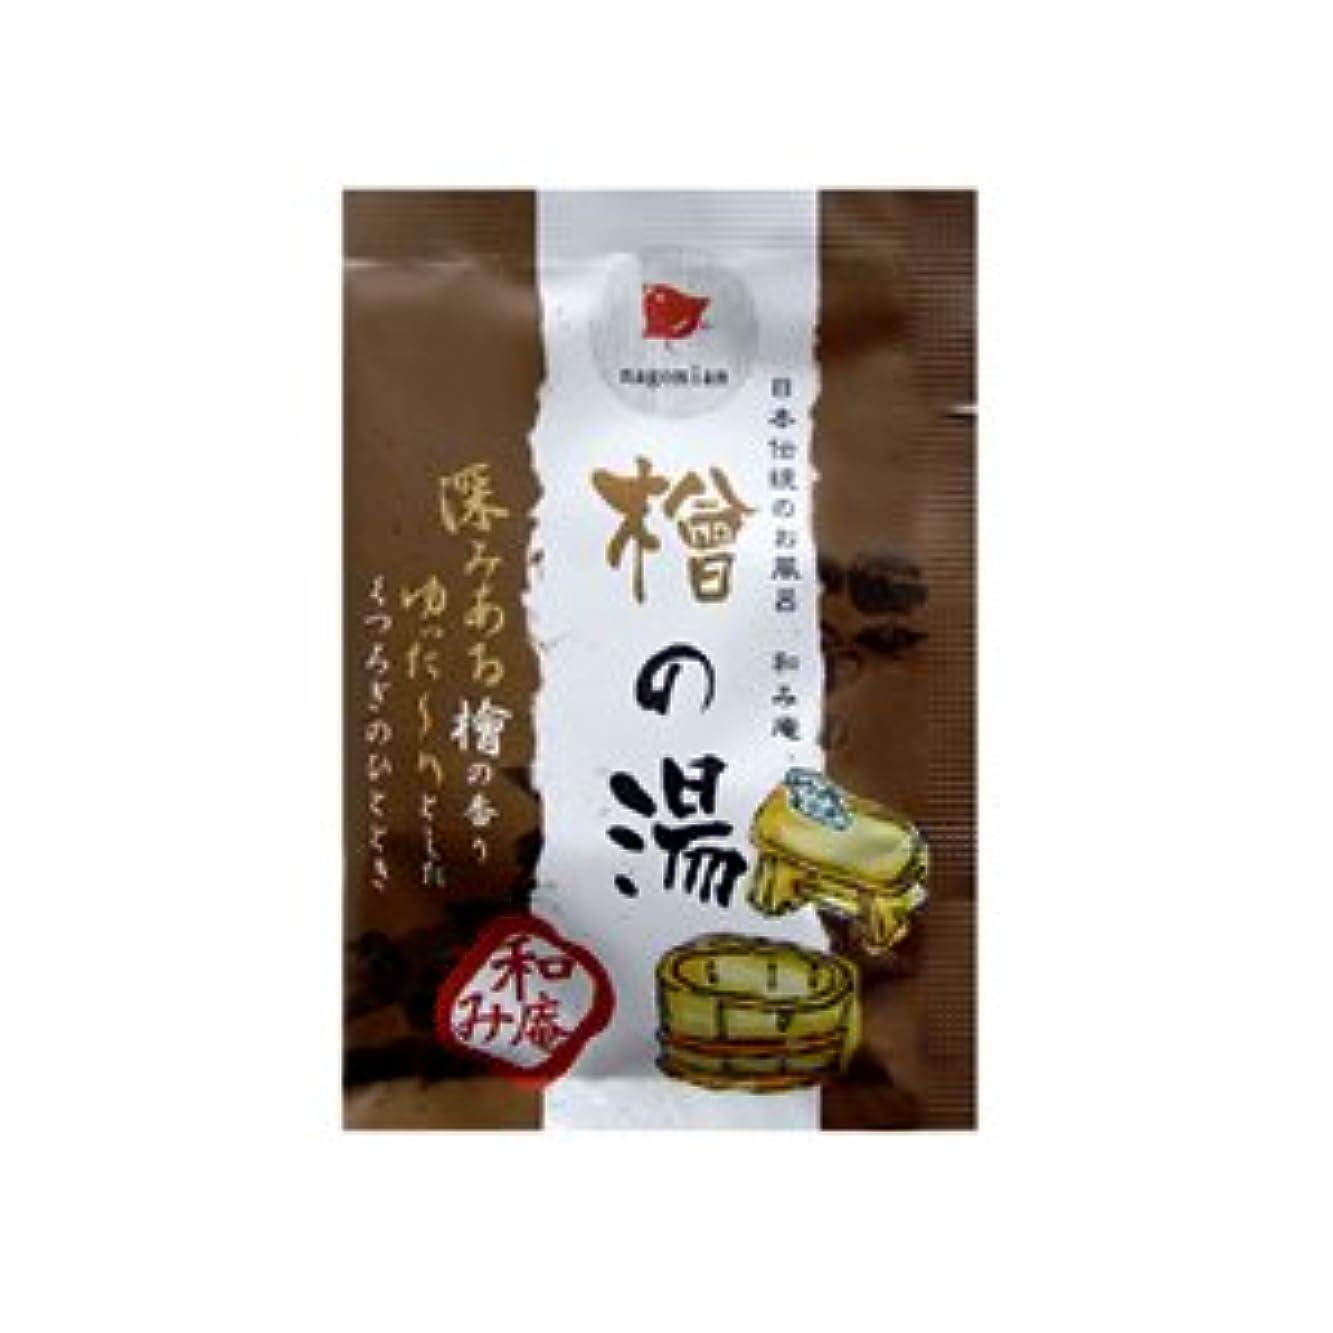 お誕生日である震える日本伝統のお風呂 和み庵 檜の湯 25g 5個セット